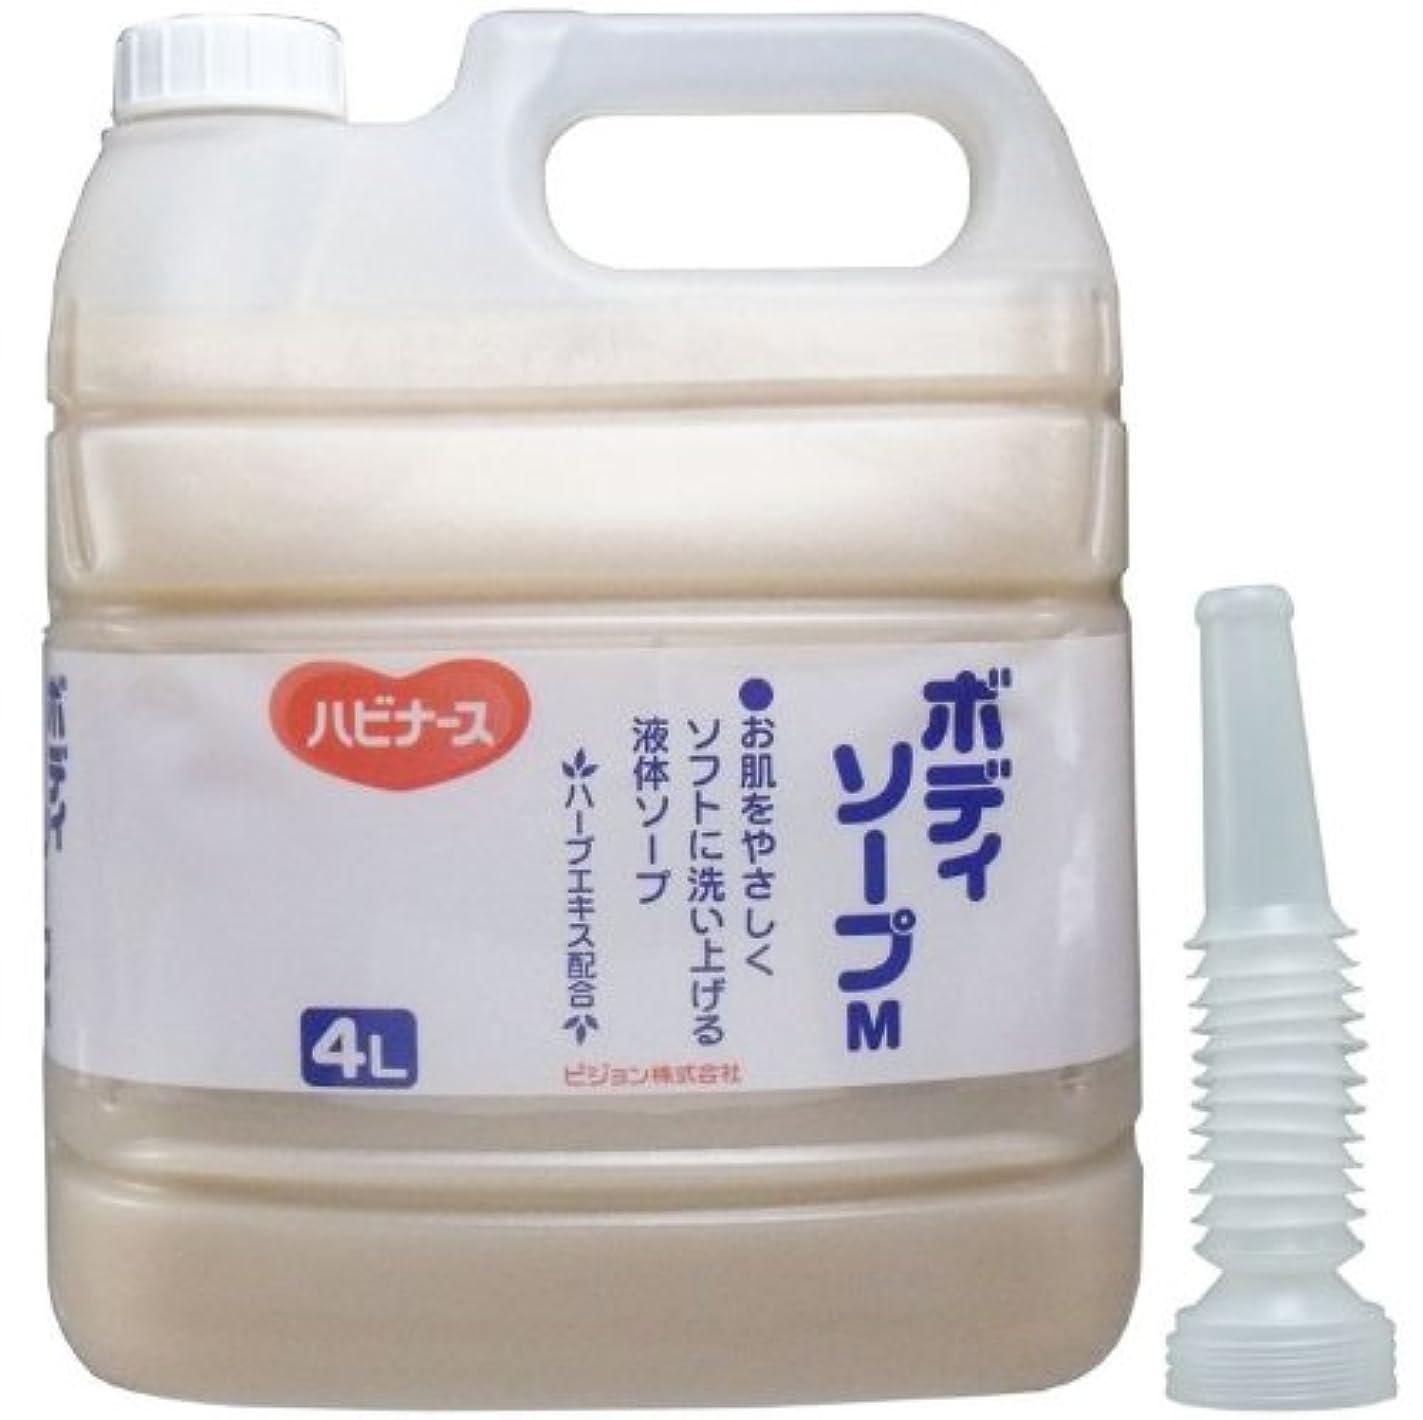 デコードする仮定かび臭い液体ソープ ボディソープ 風呂 石ケン お肌をやさしくソフトに洗い上げる!業務用 4L